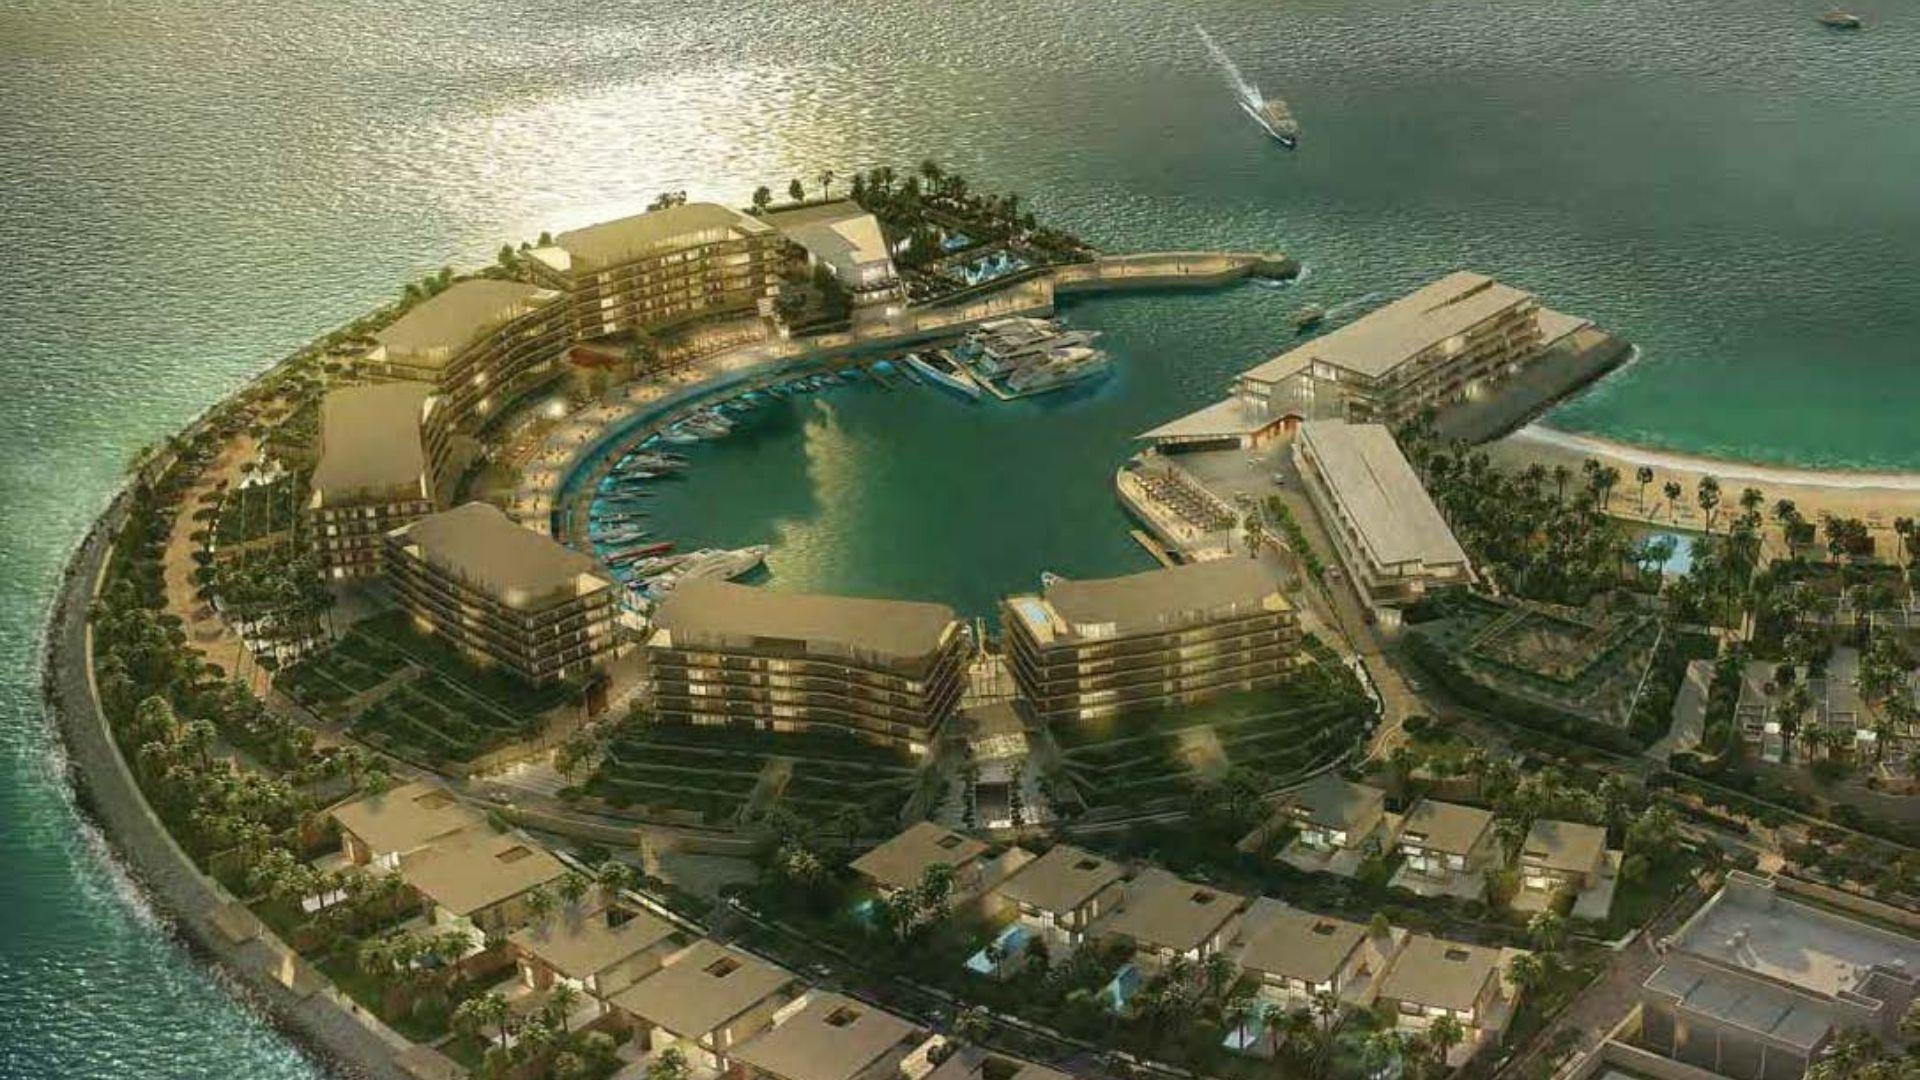 4 - Живите как члены королевской семьи в этих удивительных роскошных домах в Дубае